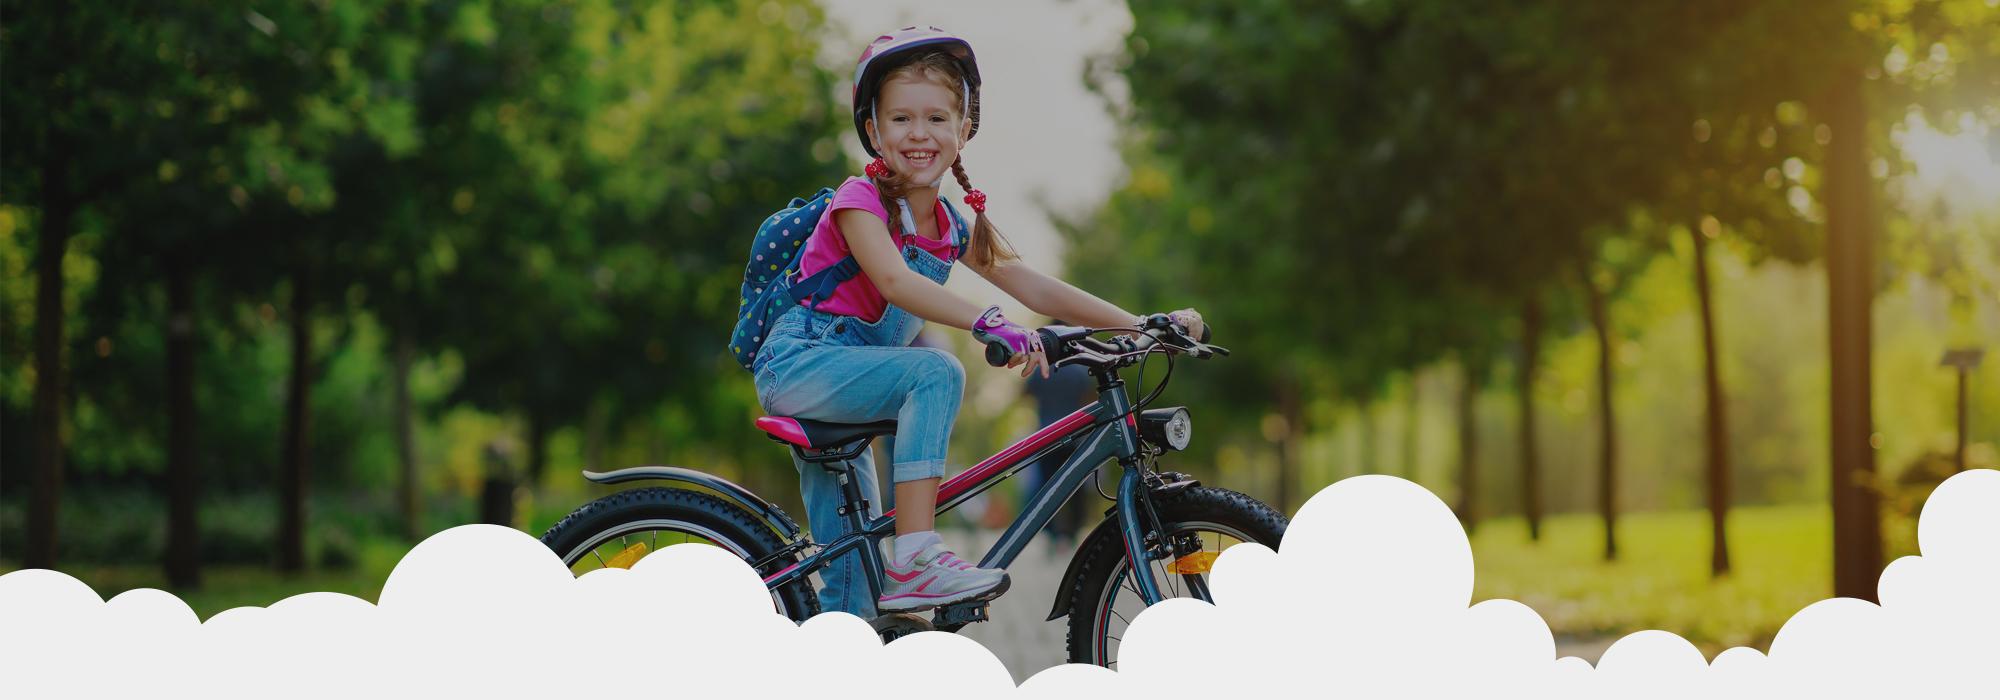 Aprila 2021 smo podarili kolo 7 letni deklici iz Ljubljane